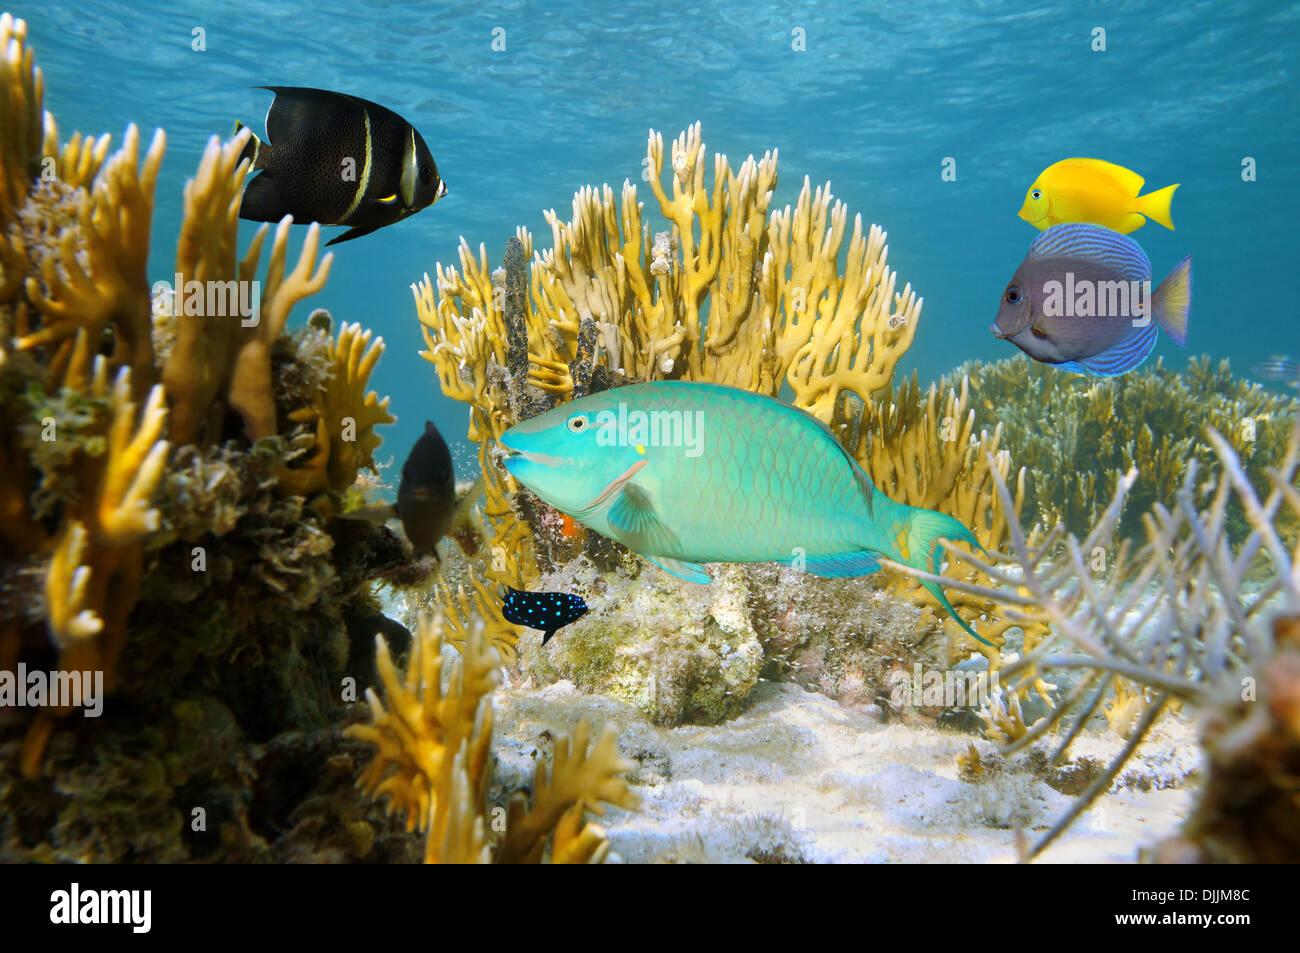 Unterwasser-Szene mit bunte tropische Fische in einem Korallenriff, Atlantik, Bahamas-Inseln Stockfoto